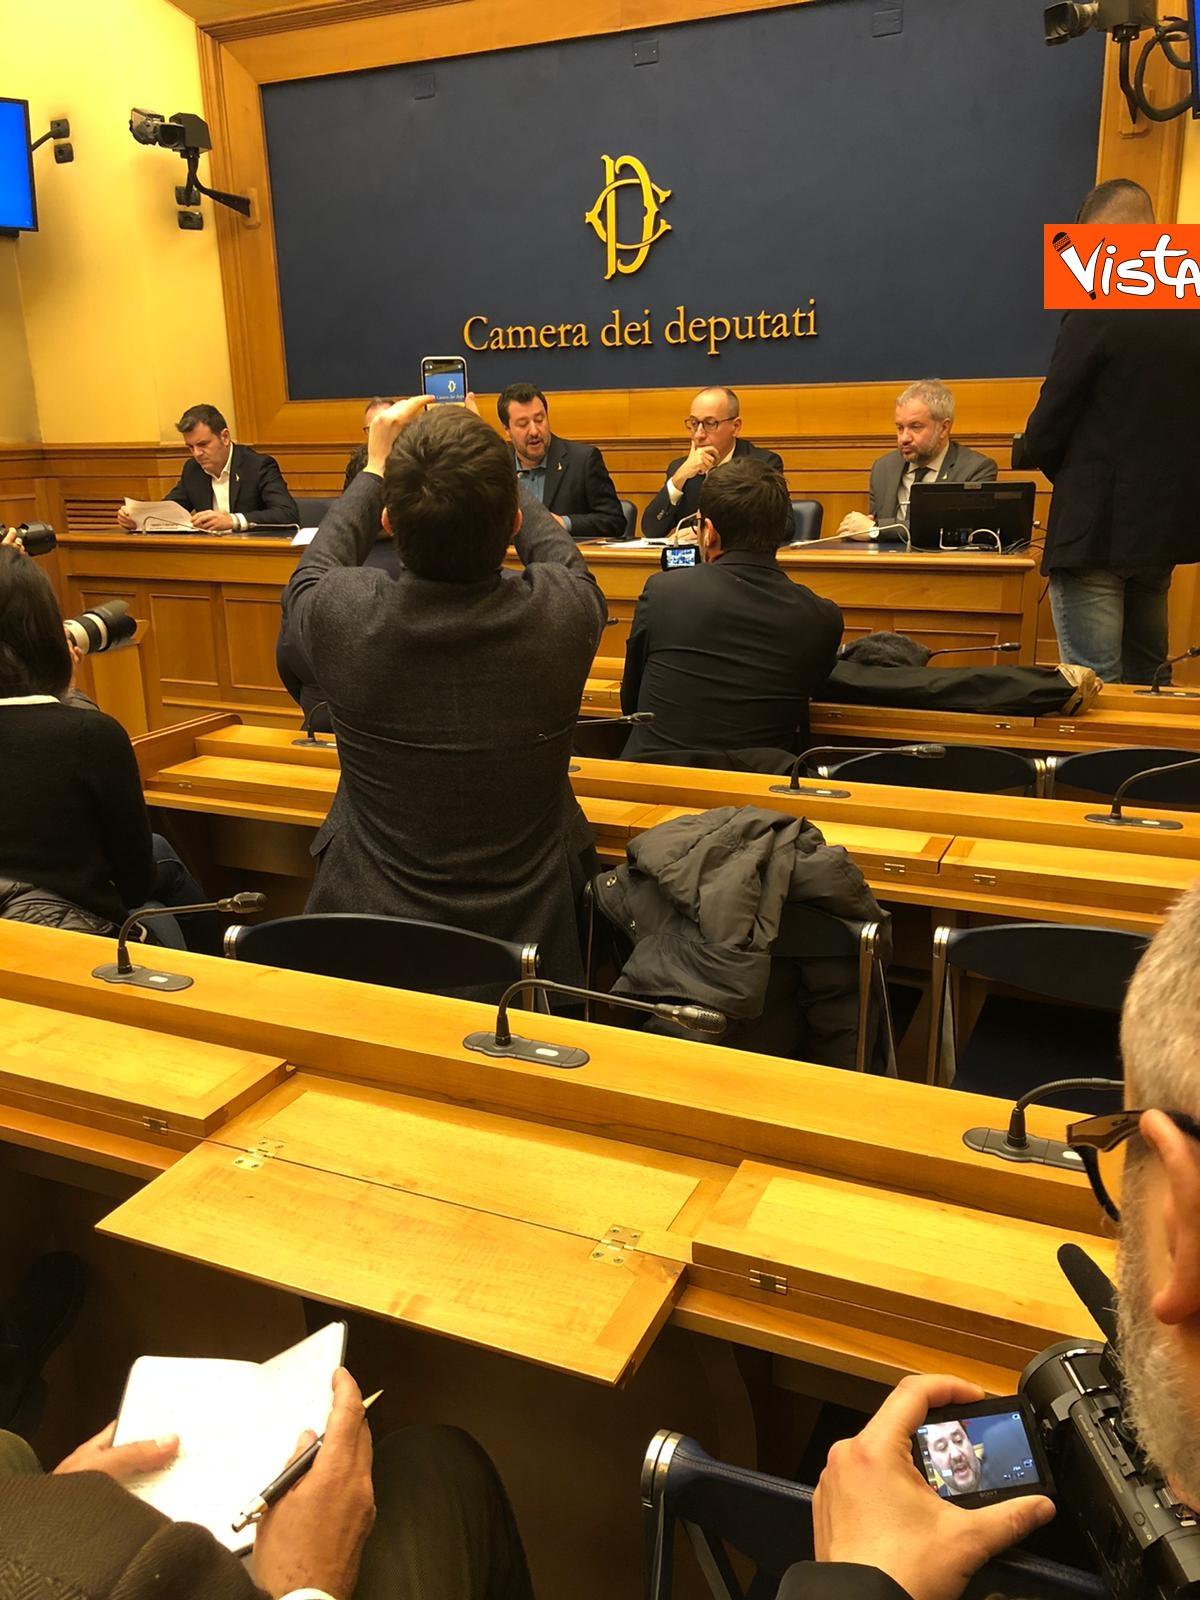 La conferenza di Salvini alla Camera dei Deputati